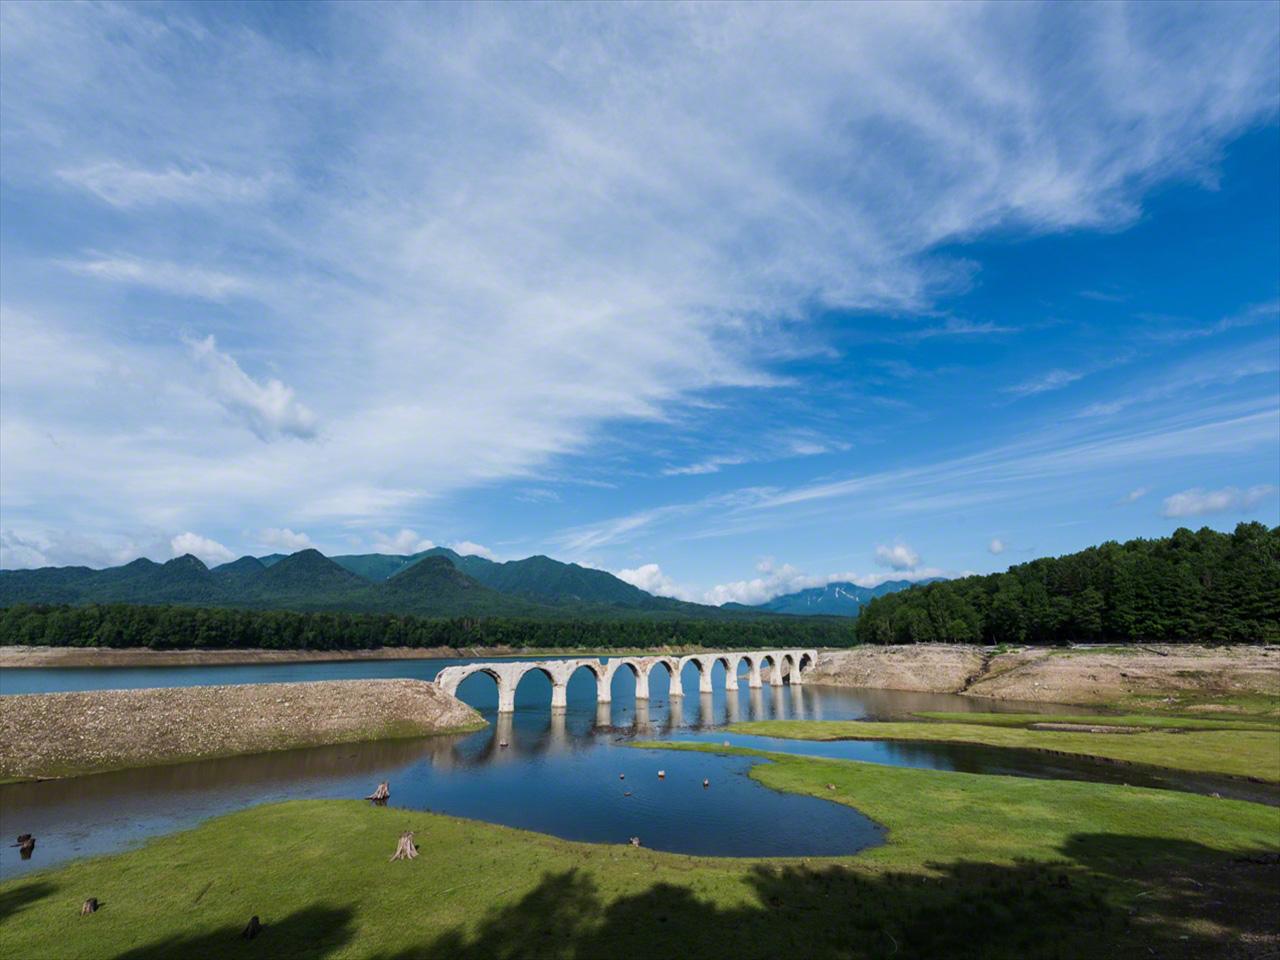 Jembatan itu menyatu dengan alam sekitarnya di bawah langit Juli yang jernih di Hokkaidō.